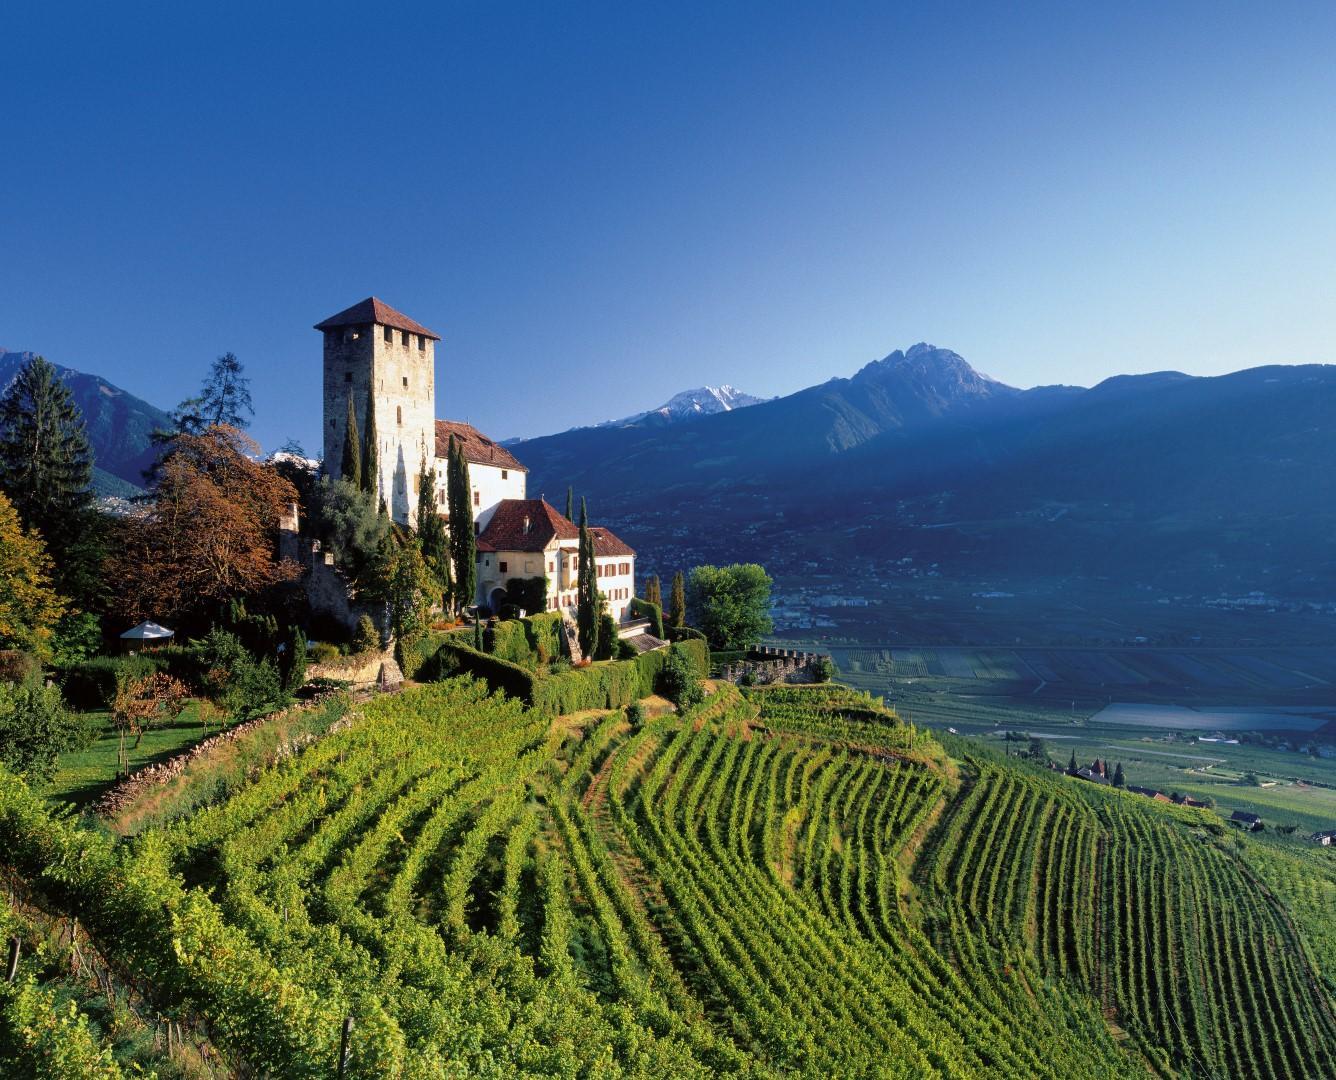 Colori e profumi: autunno spettacolare in Alto Adige